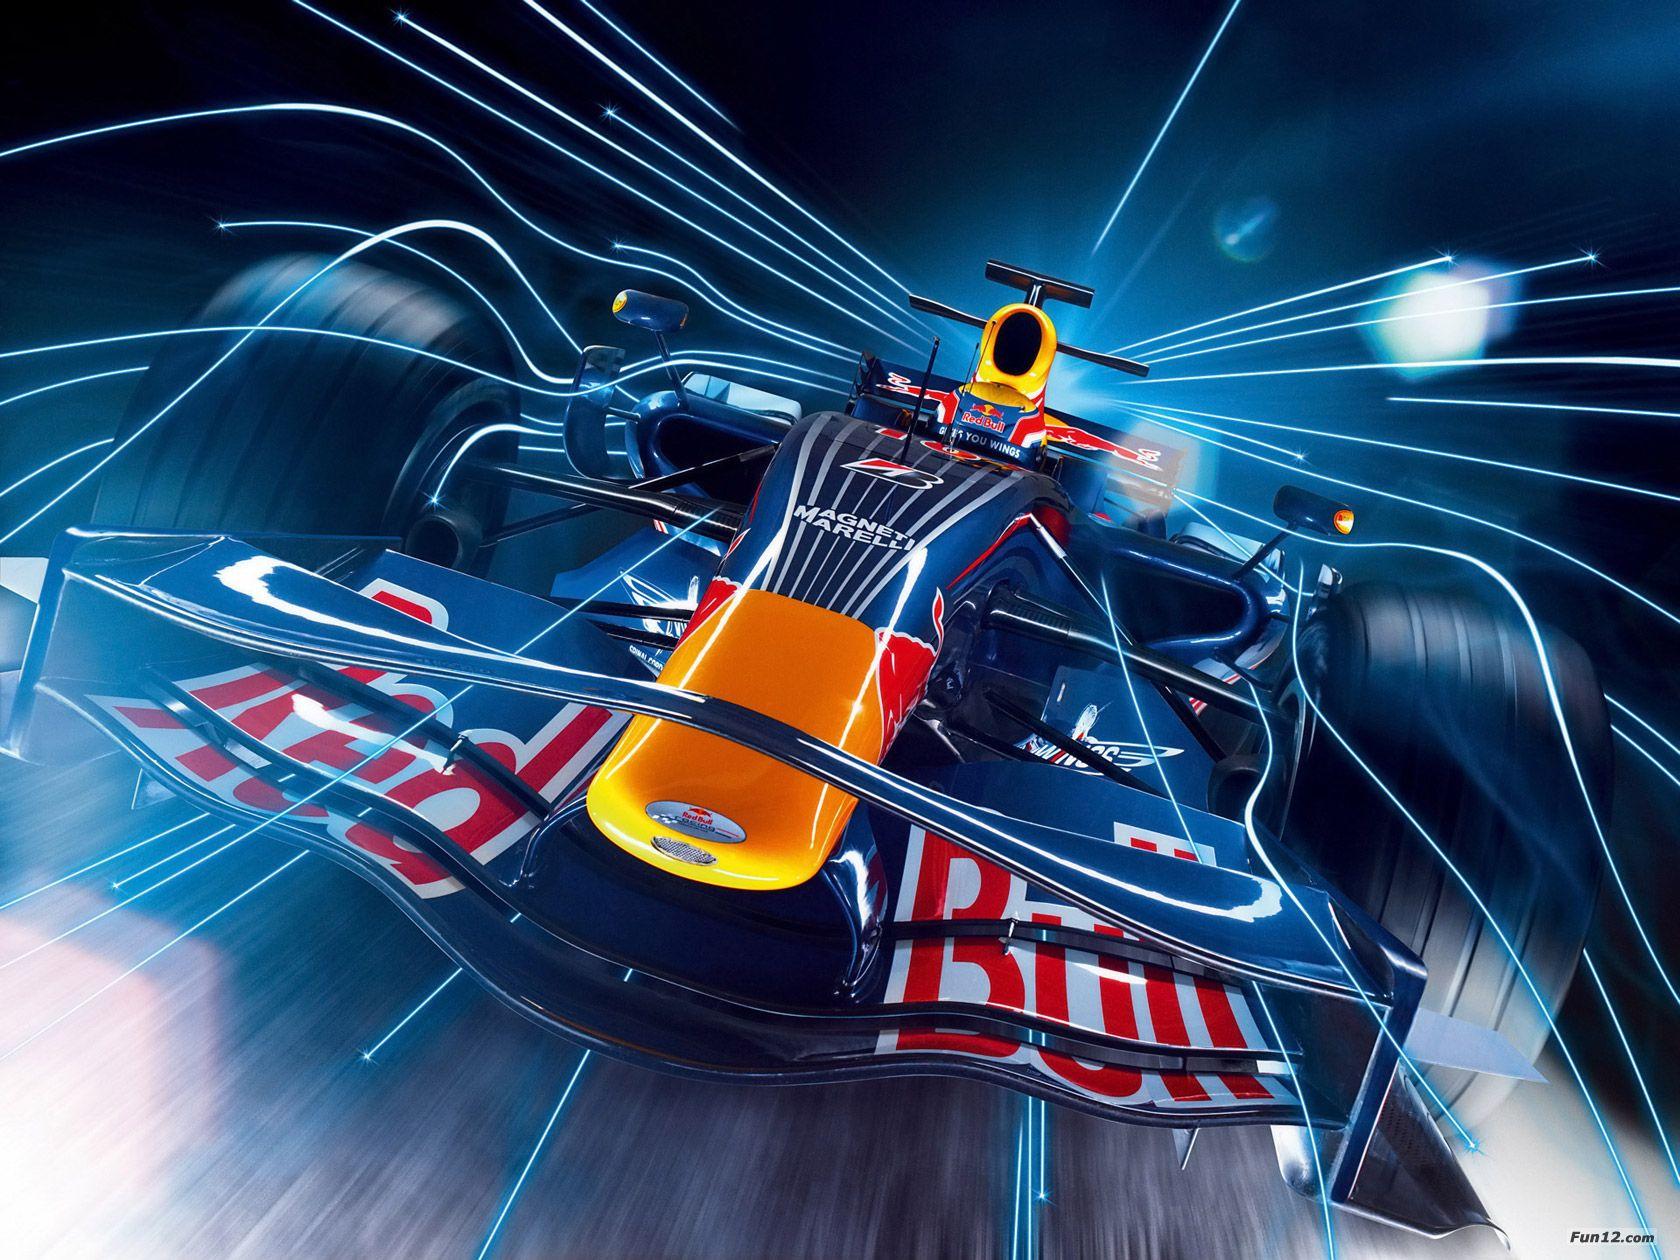 Fond d'écran hd : formule 1   RACE   Wallpaper carros, Carros e Red bull